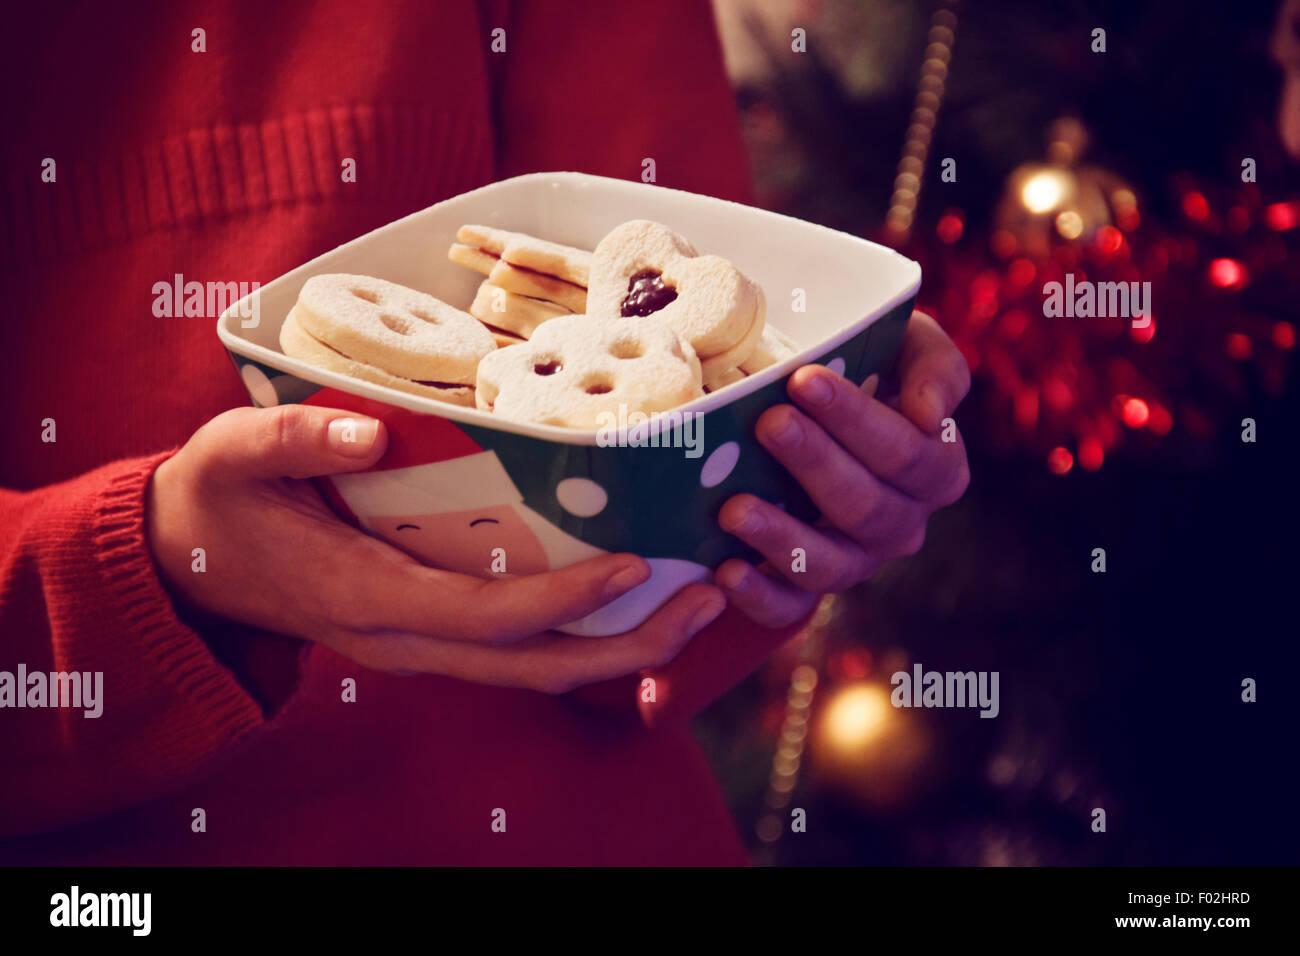 Ragazza con ciotola con biscotti di Natale Immagini Stock